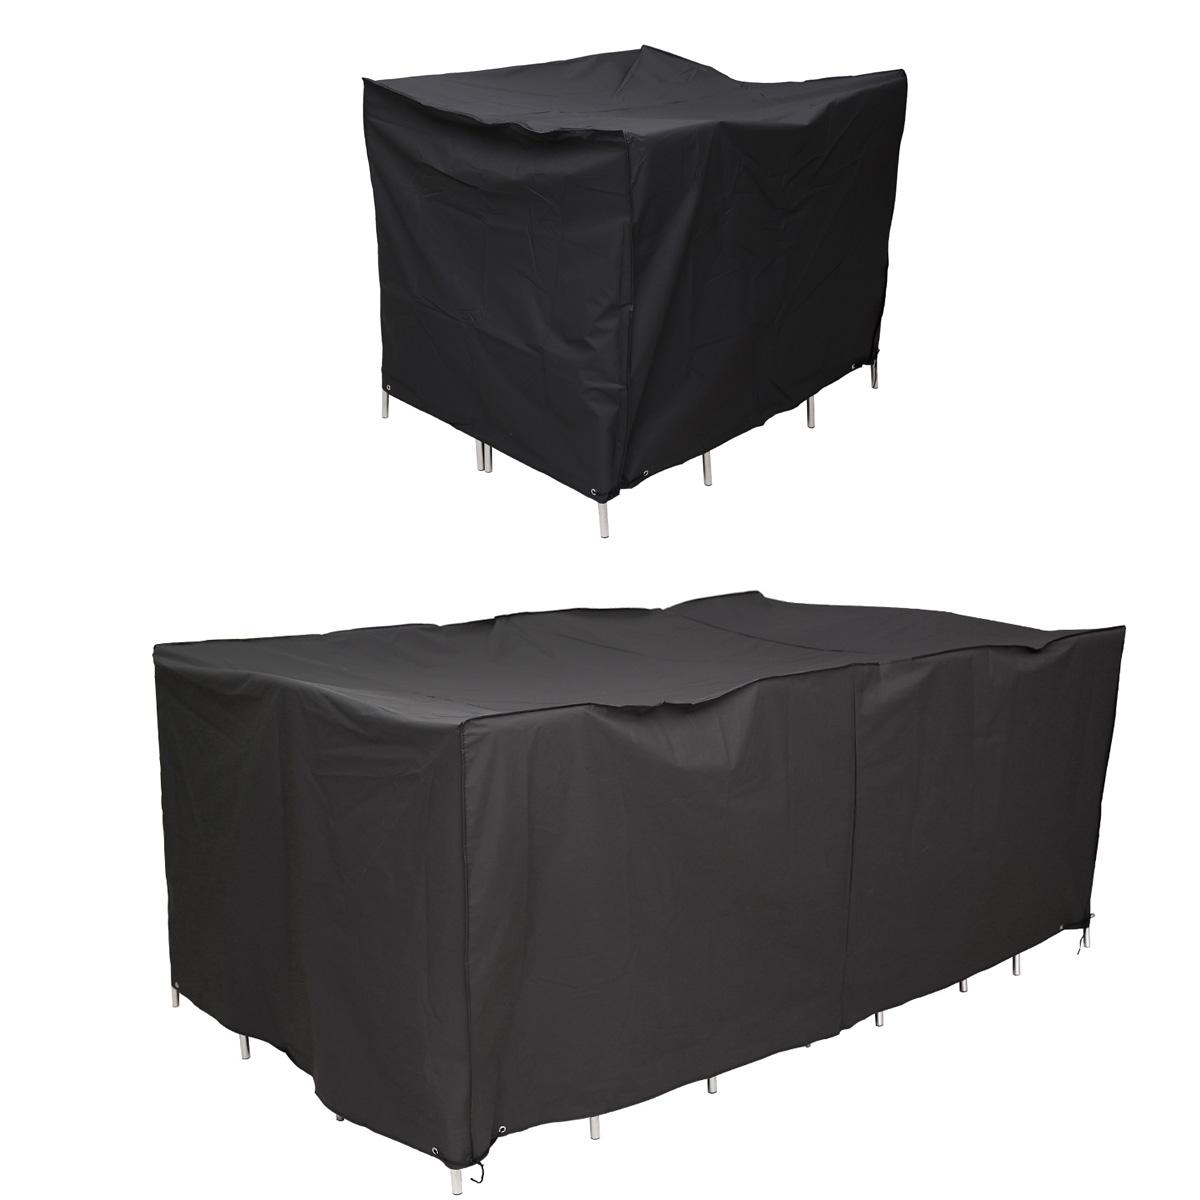 Cubierta flexible para mesa funda mueble jard n terraza - Fundas mesa jardin ...